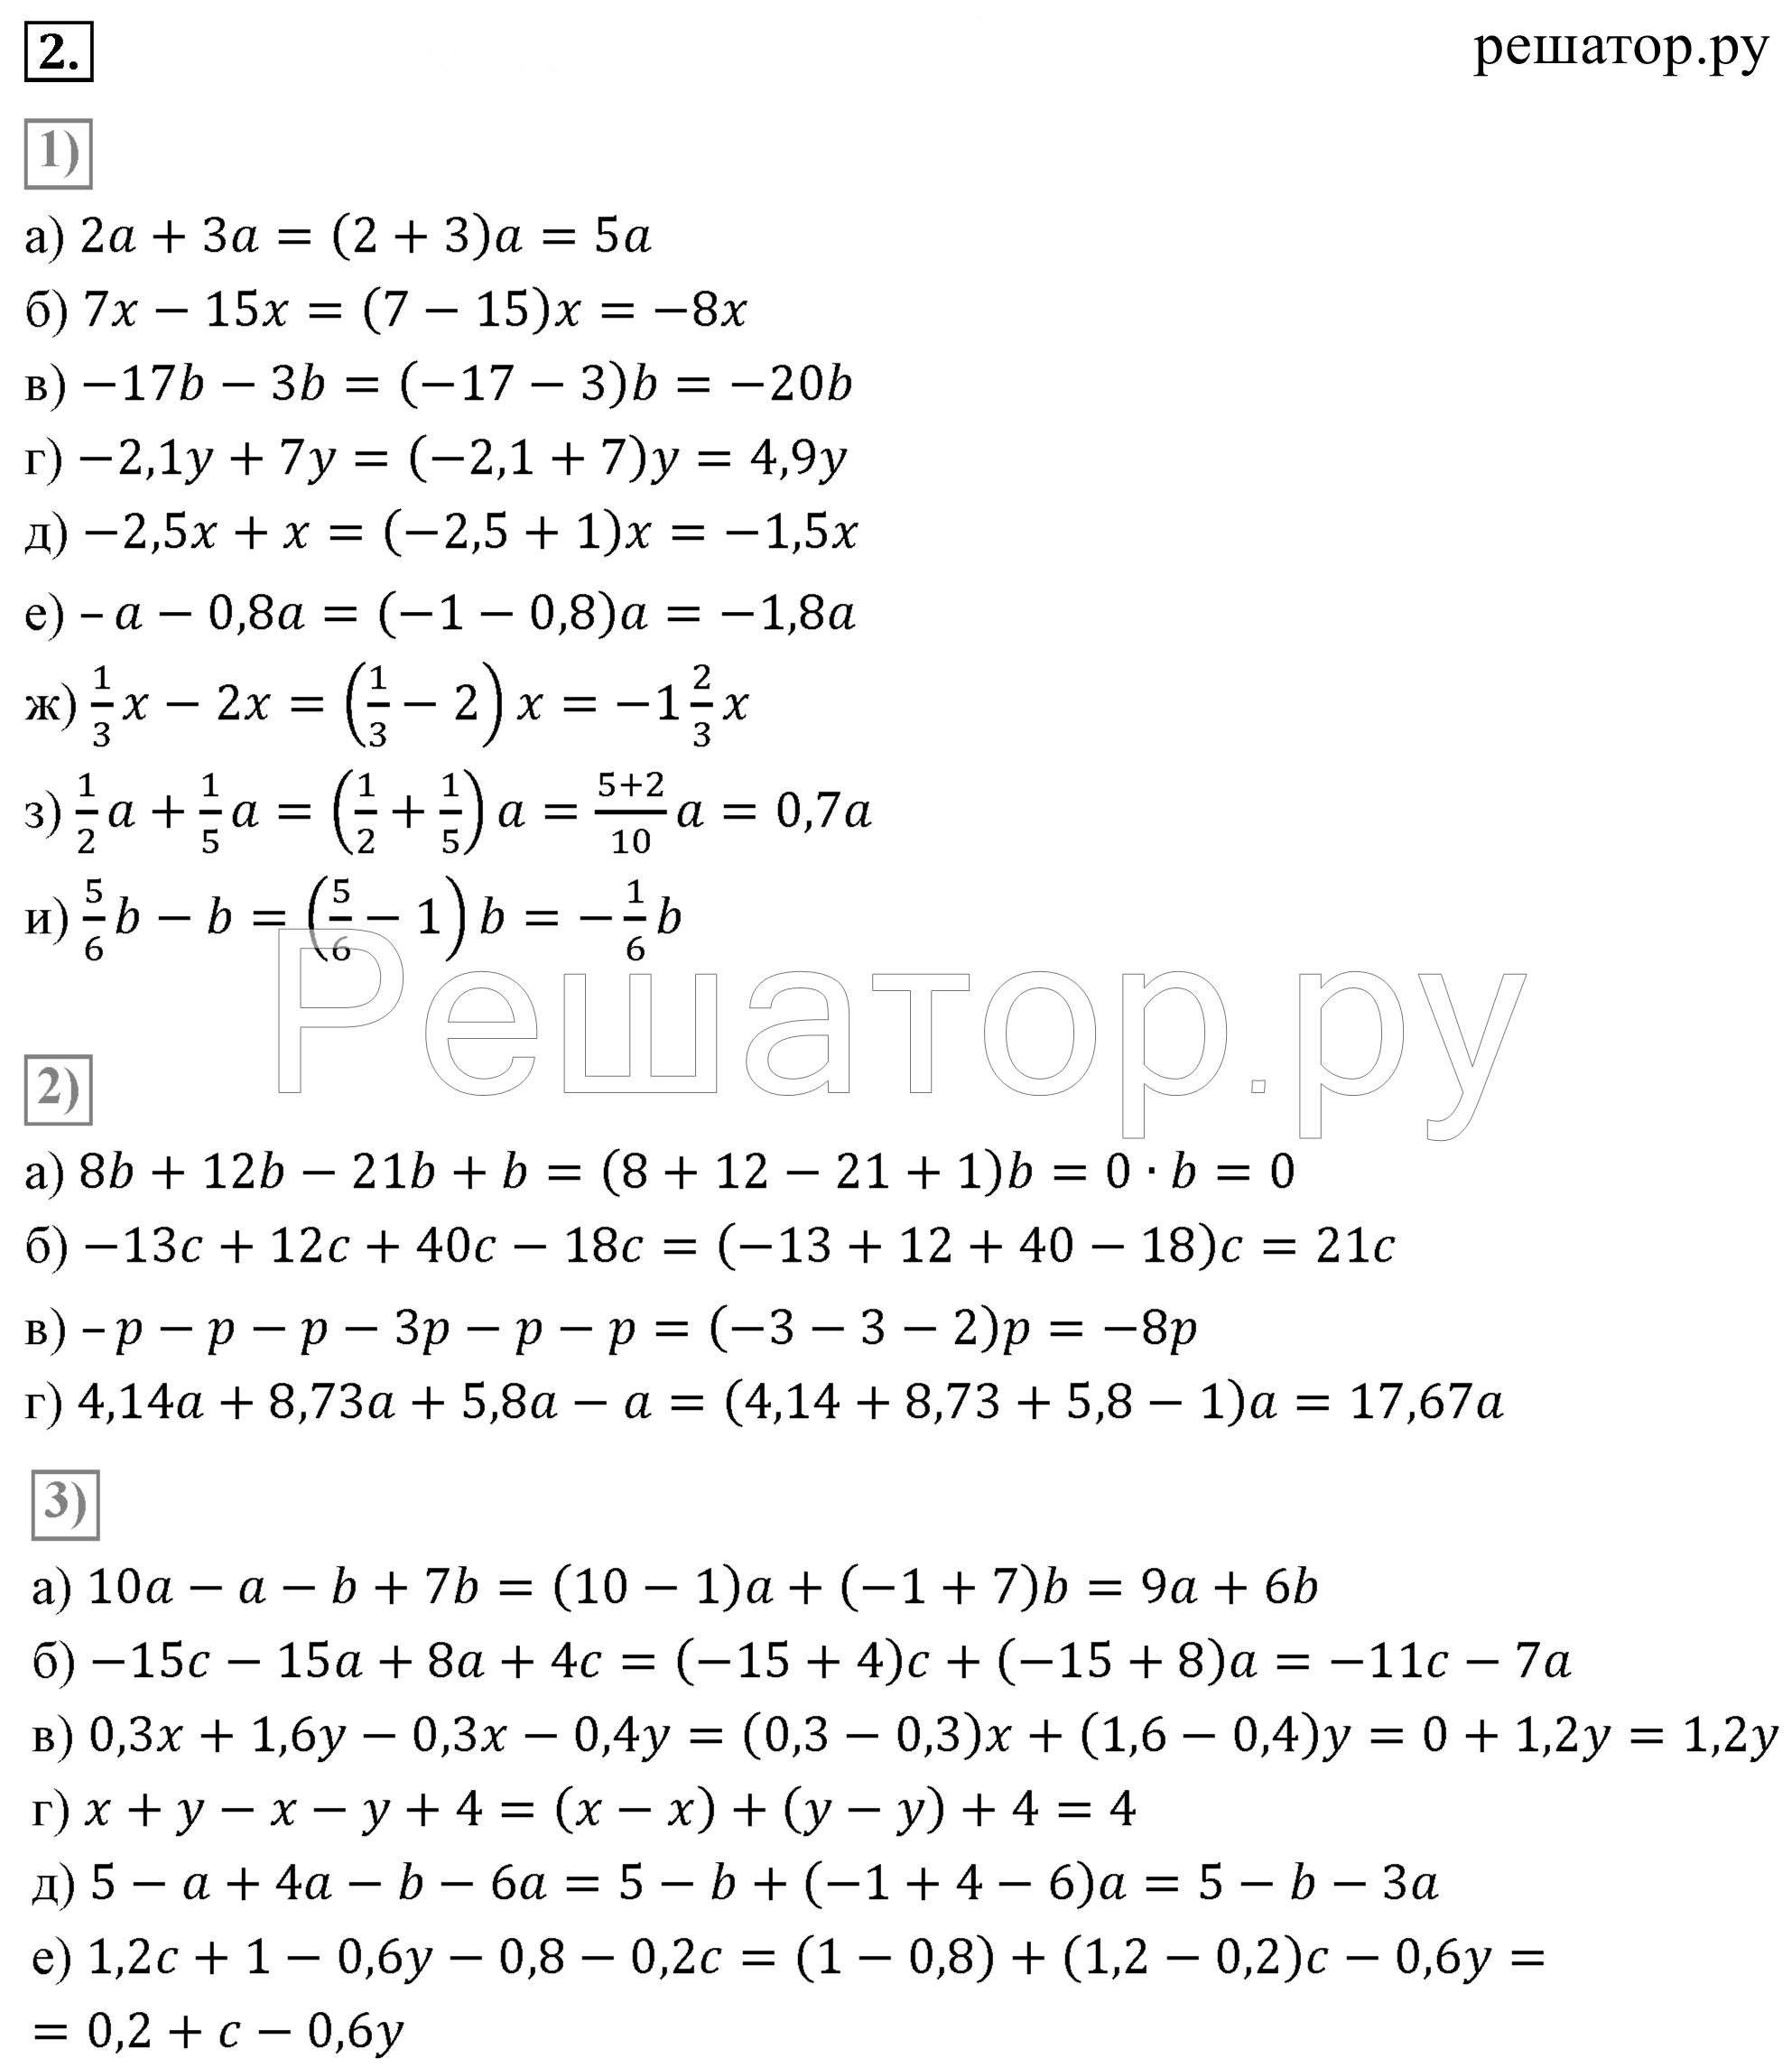 гдз по алгебре 7 класс кузнецова дидактический